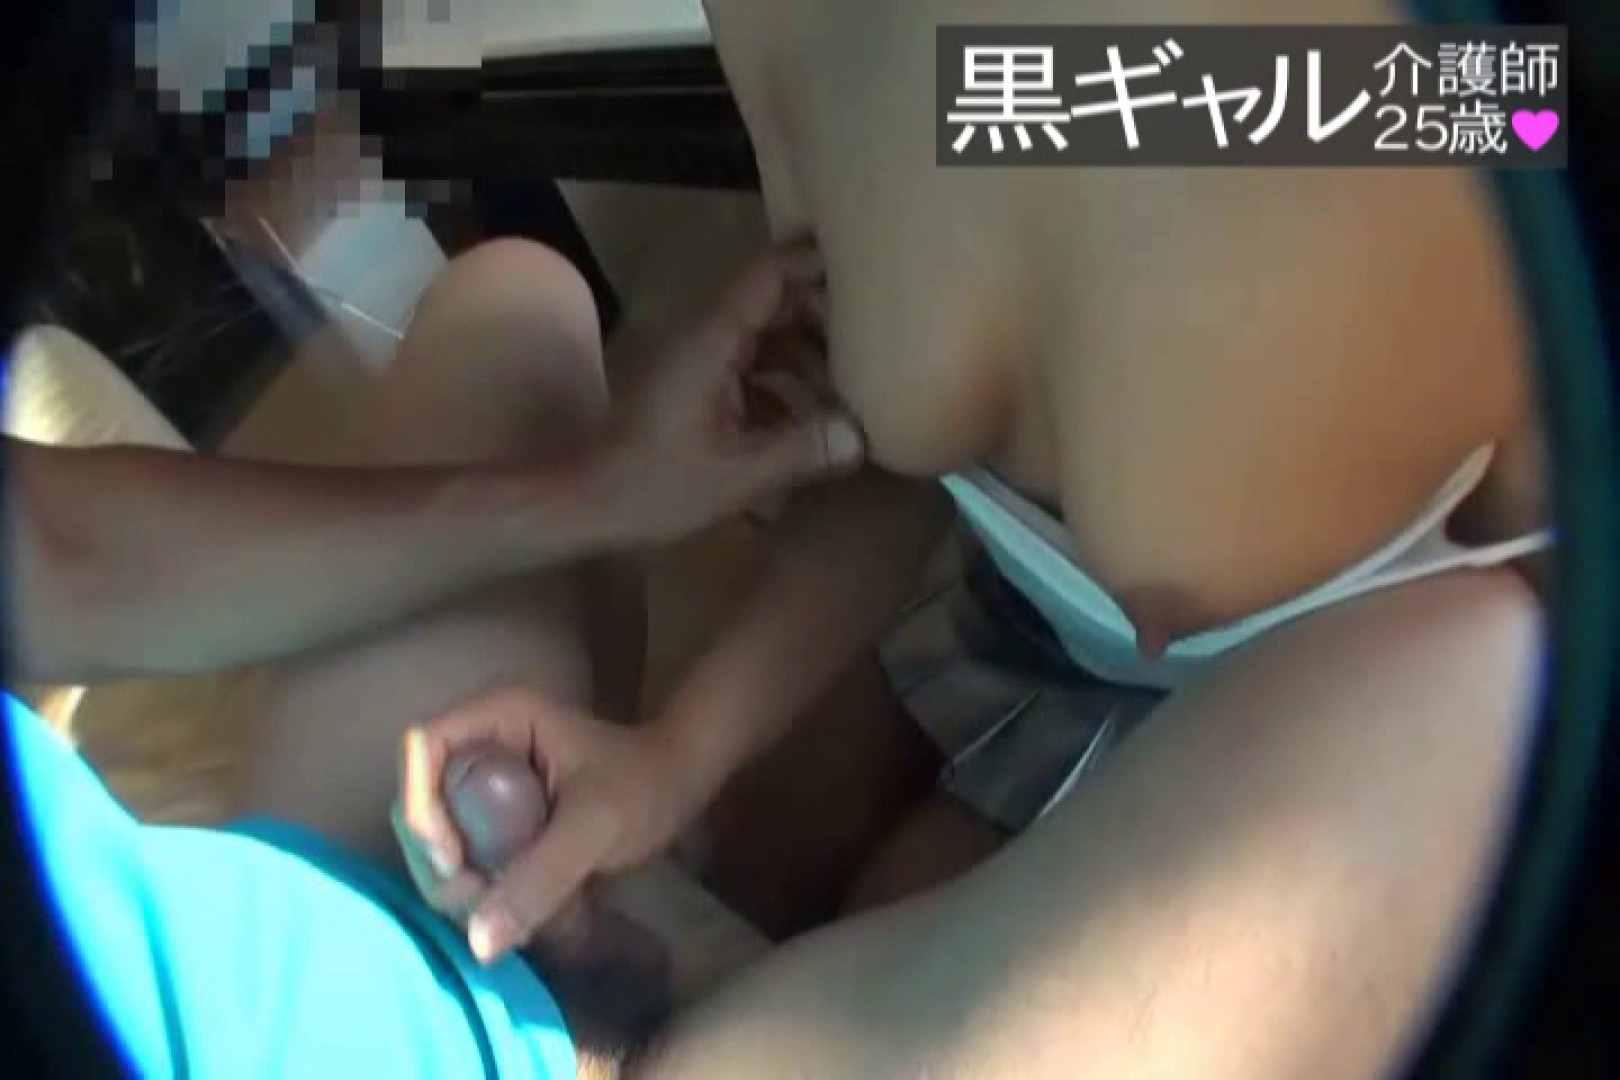 無料アダルト動画:独占入手 従順M黒ギャル介護師25歳vol.6:大奥